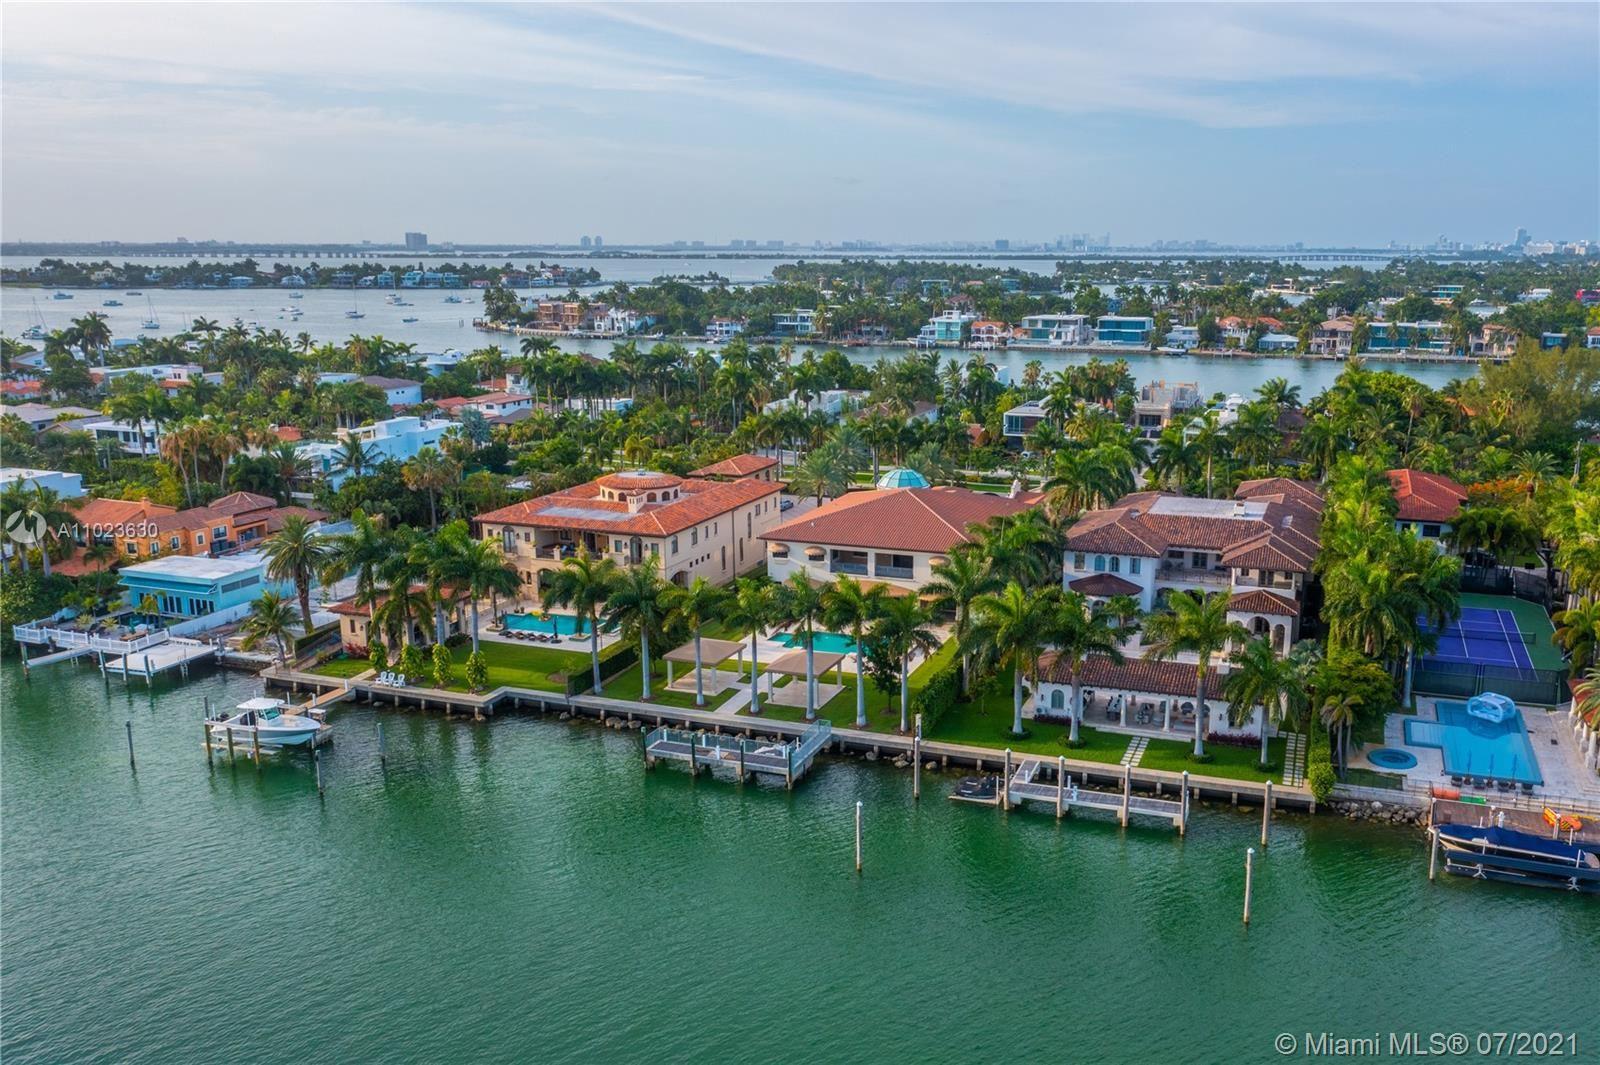 198 Palm Ave, Miami Beach, FL 33139 - #: A11023630